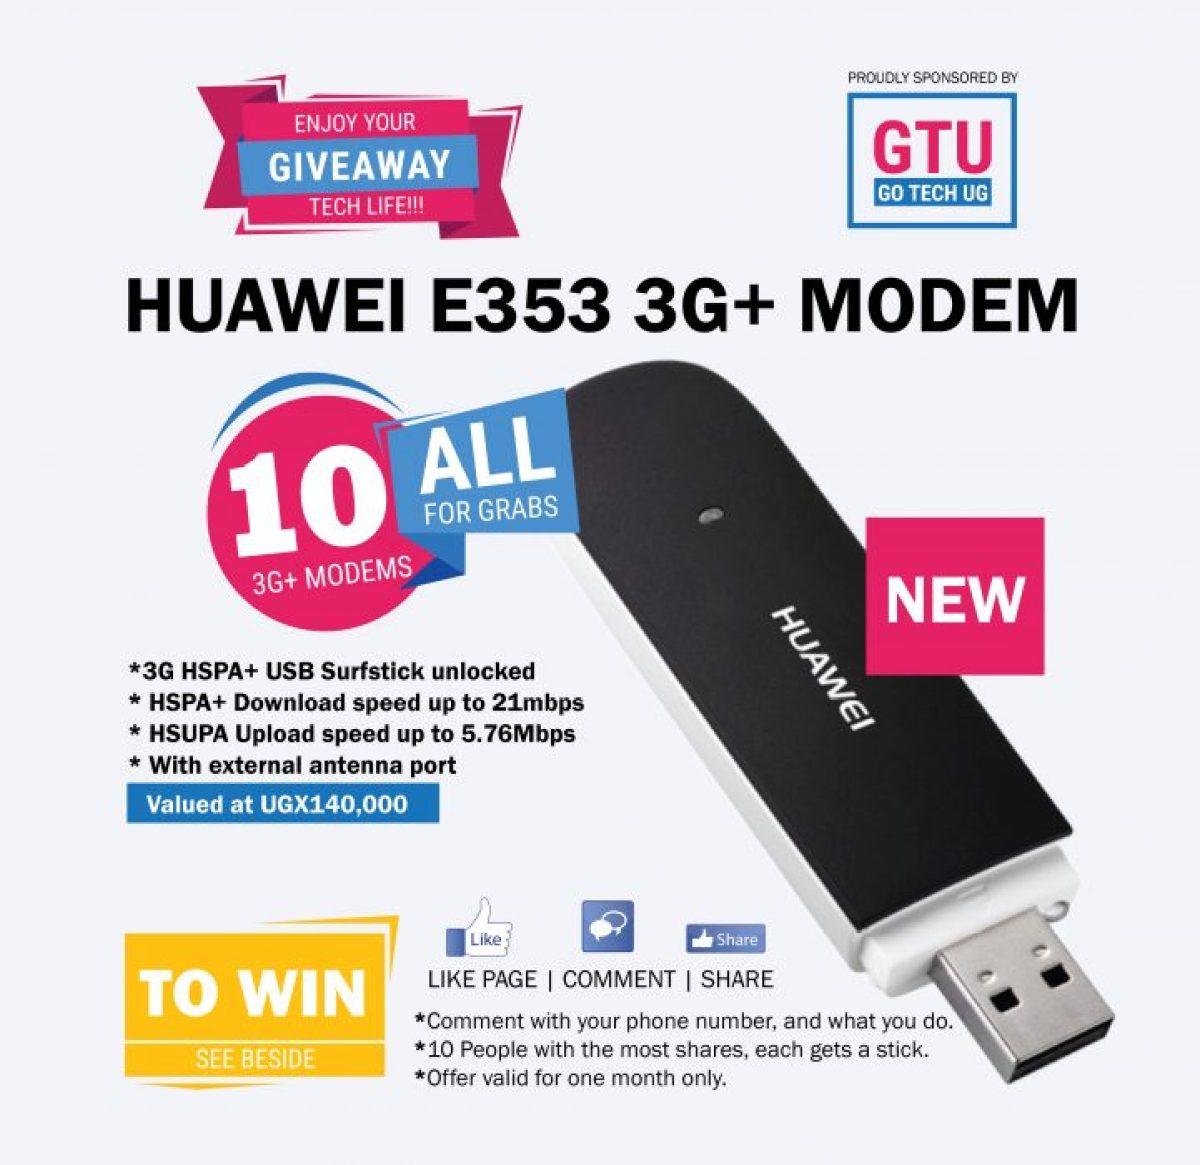 Huawei E353 3G+ MODEM